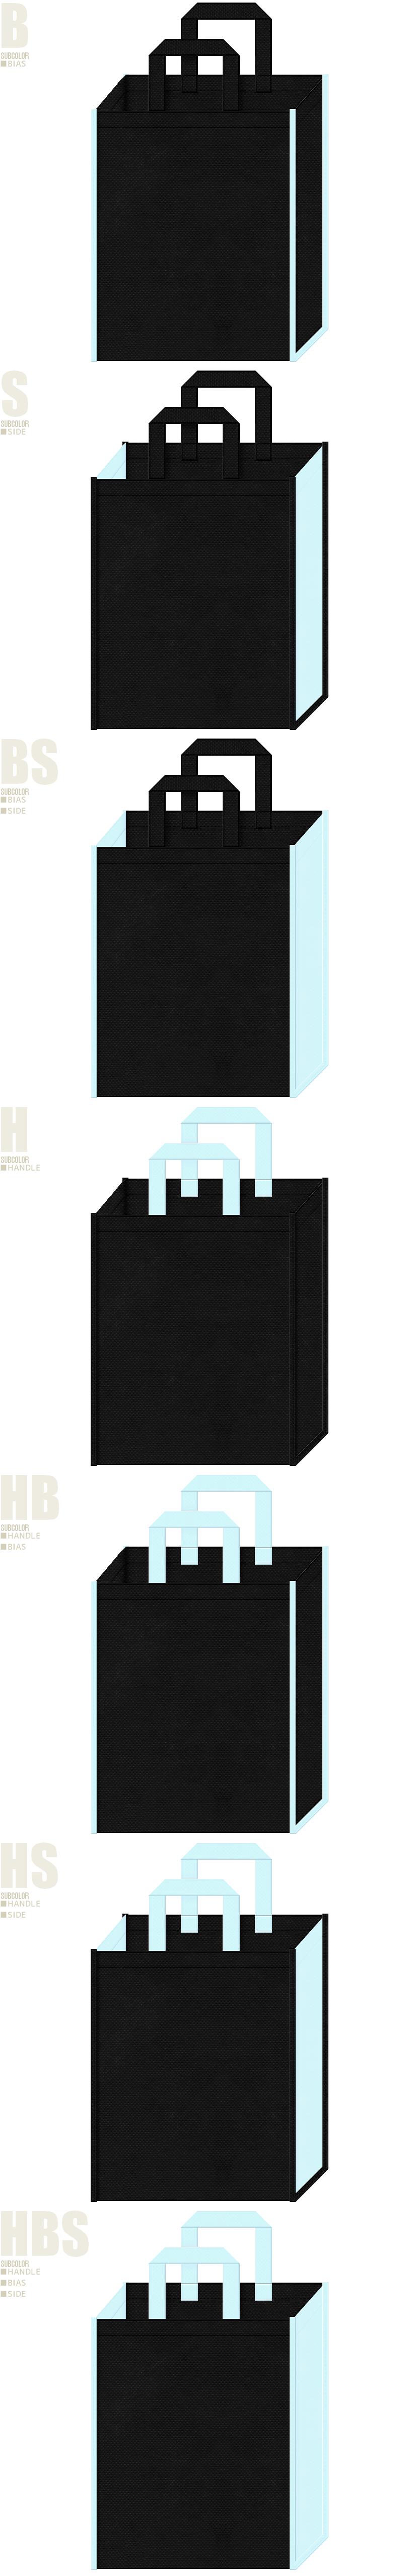 理容・メンズ整髪料・エアコン・給排水設備・カー用品の展示会用バッグにお奨めの不織布バッグデザイン:黒色と水色の配色7パターン